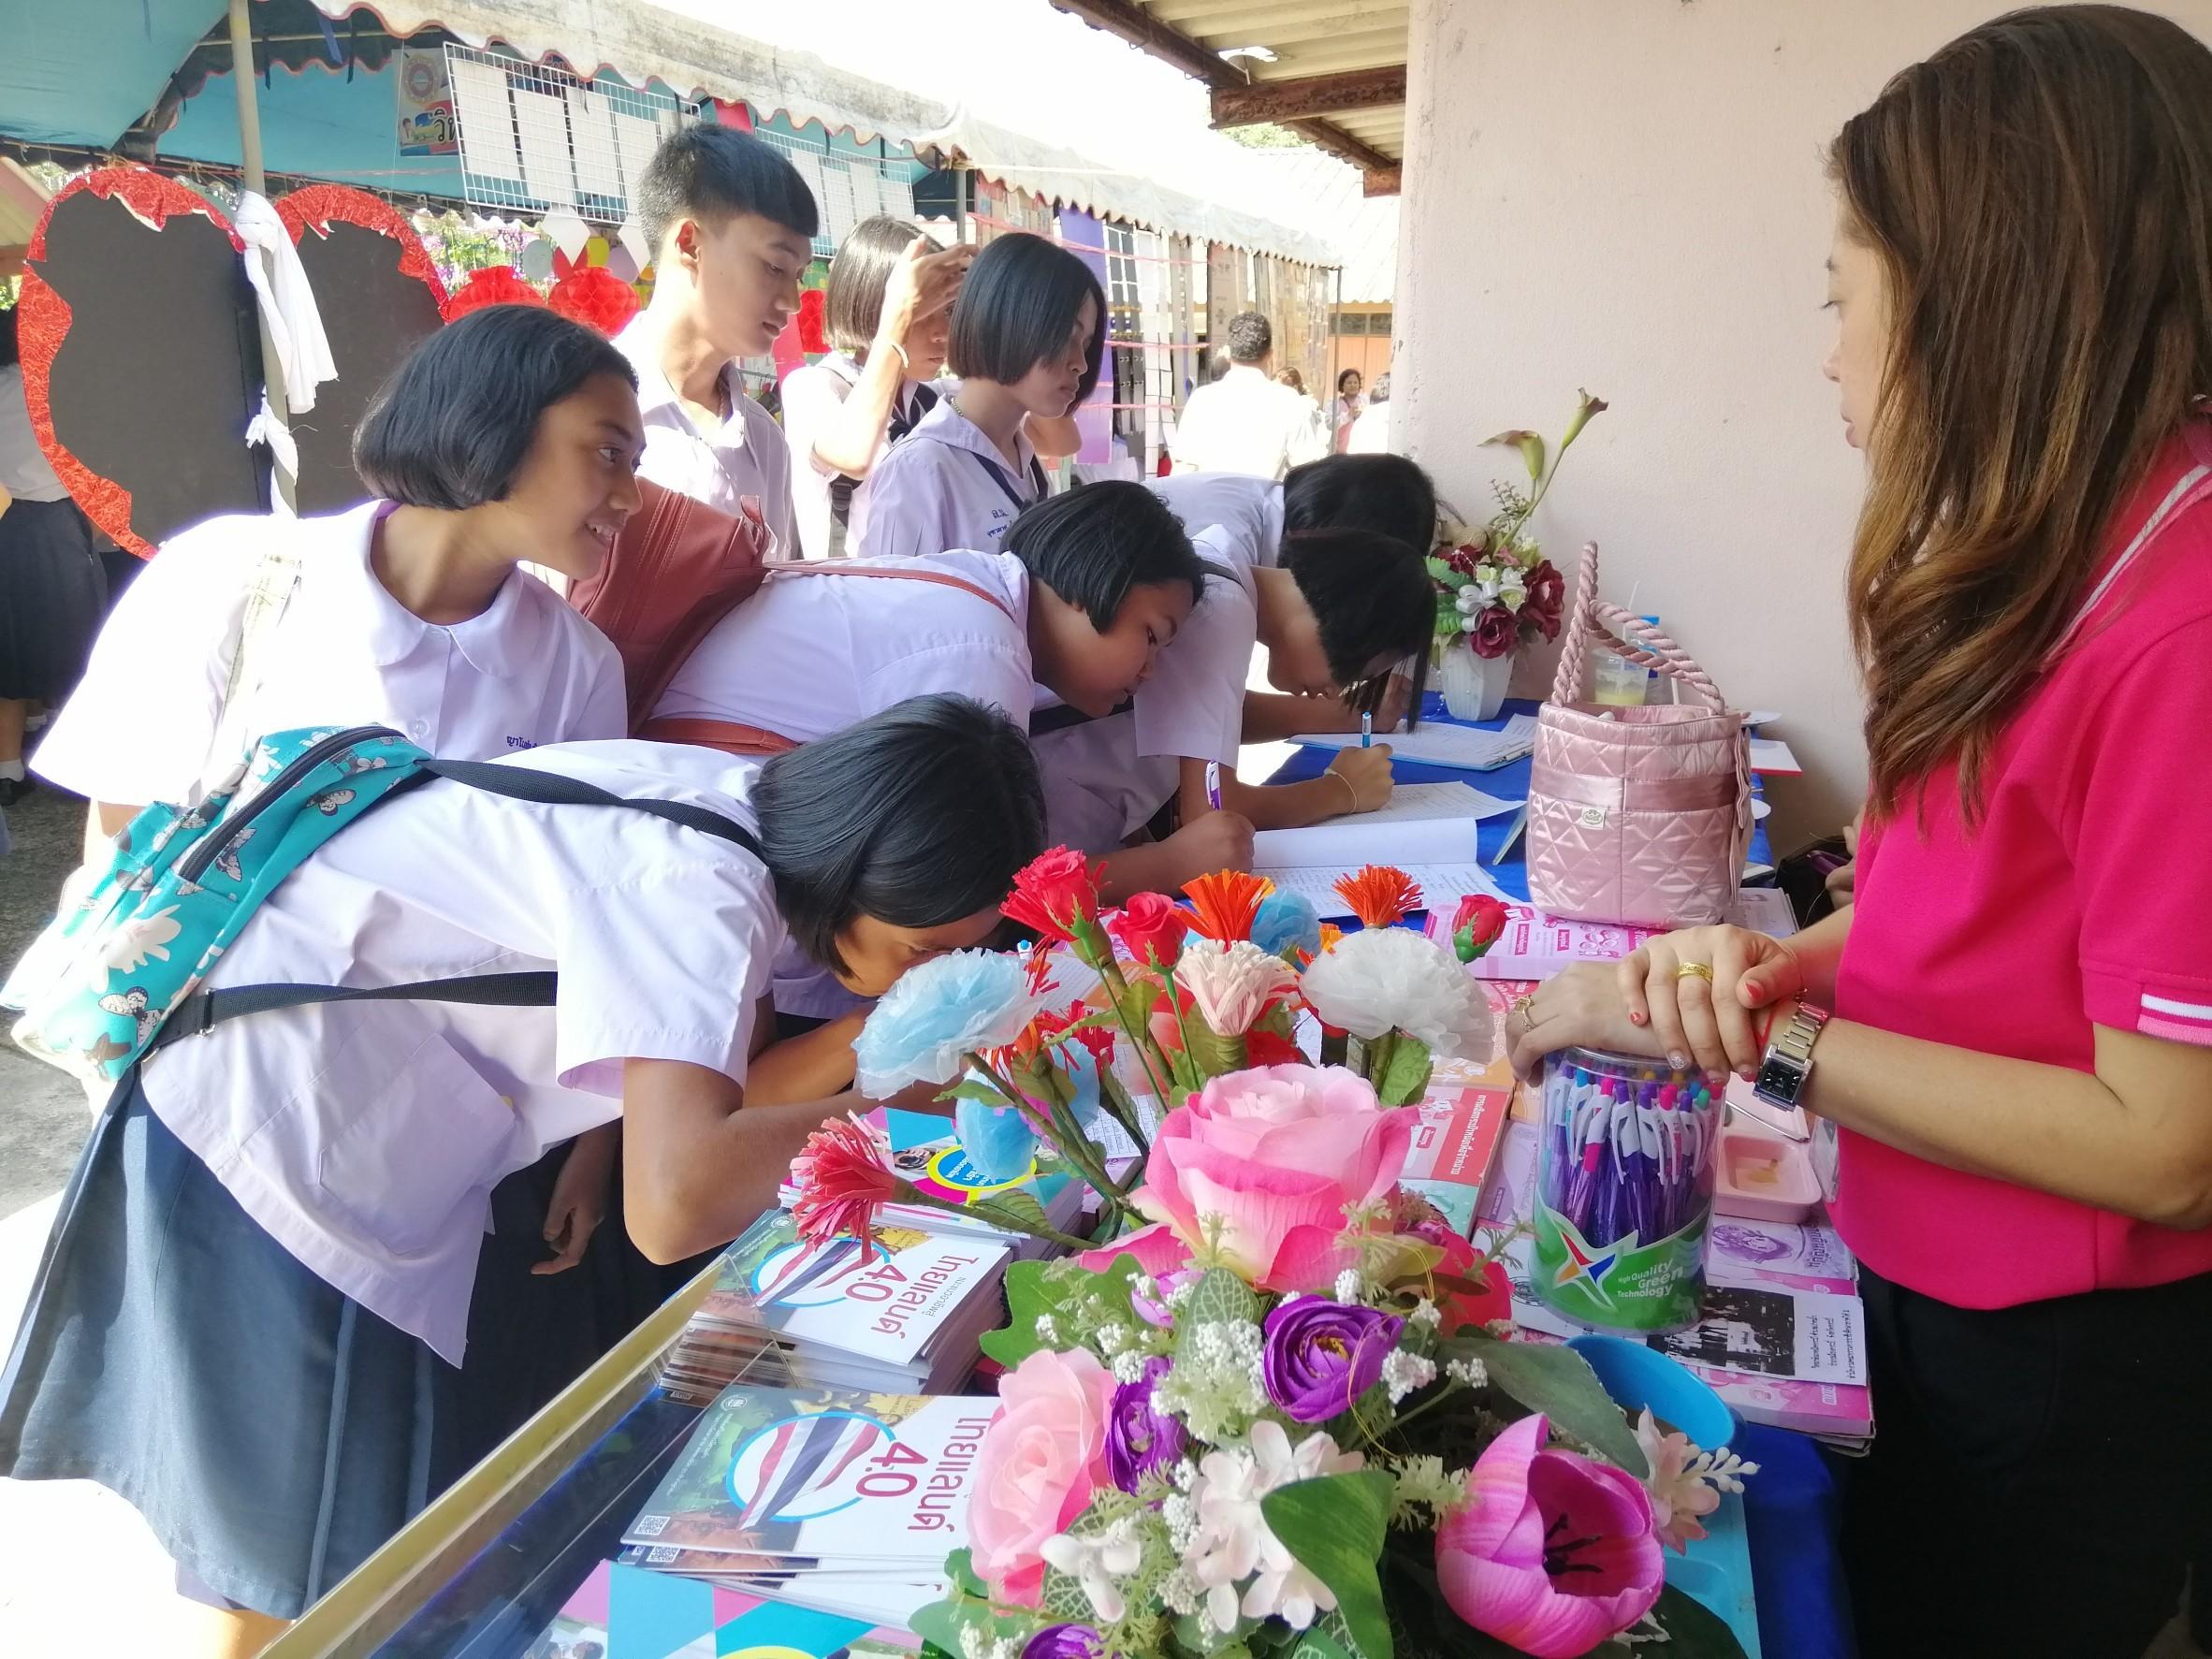 โครงการเตรียมความพร้อมแก่กำลังแรงงาน กิจกรรมแนะแนวอาชีพให้นักเรียน นักศึกษา ครั้งที่ 2/2562